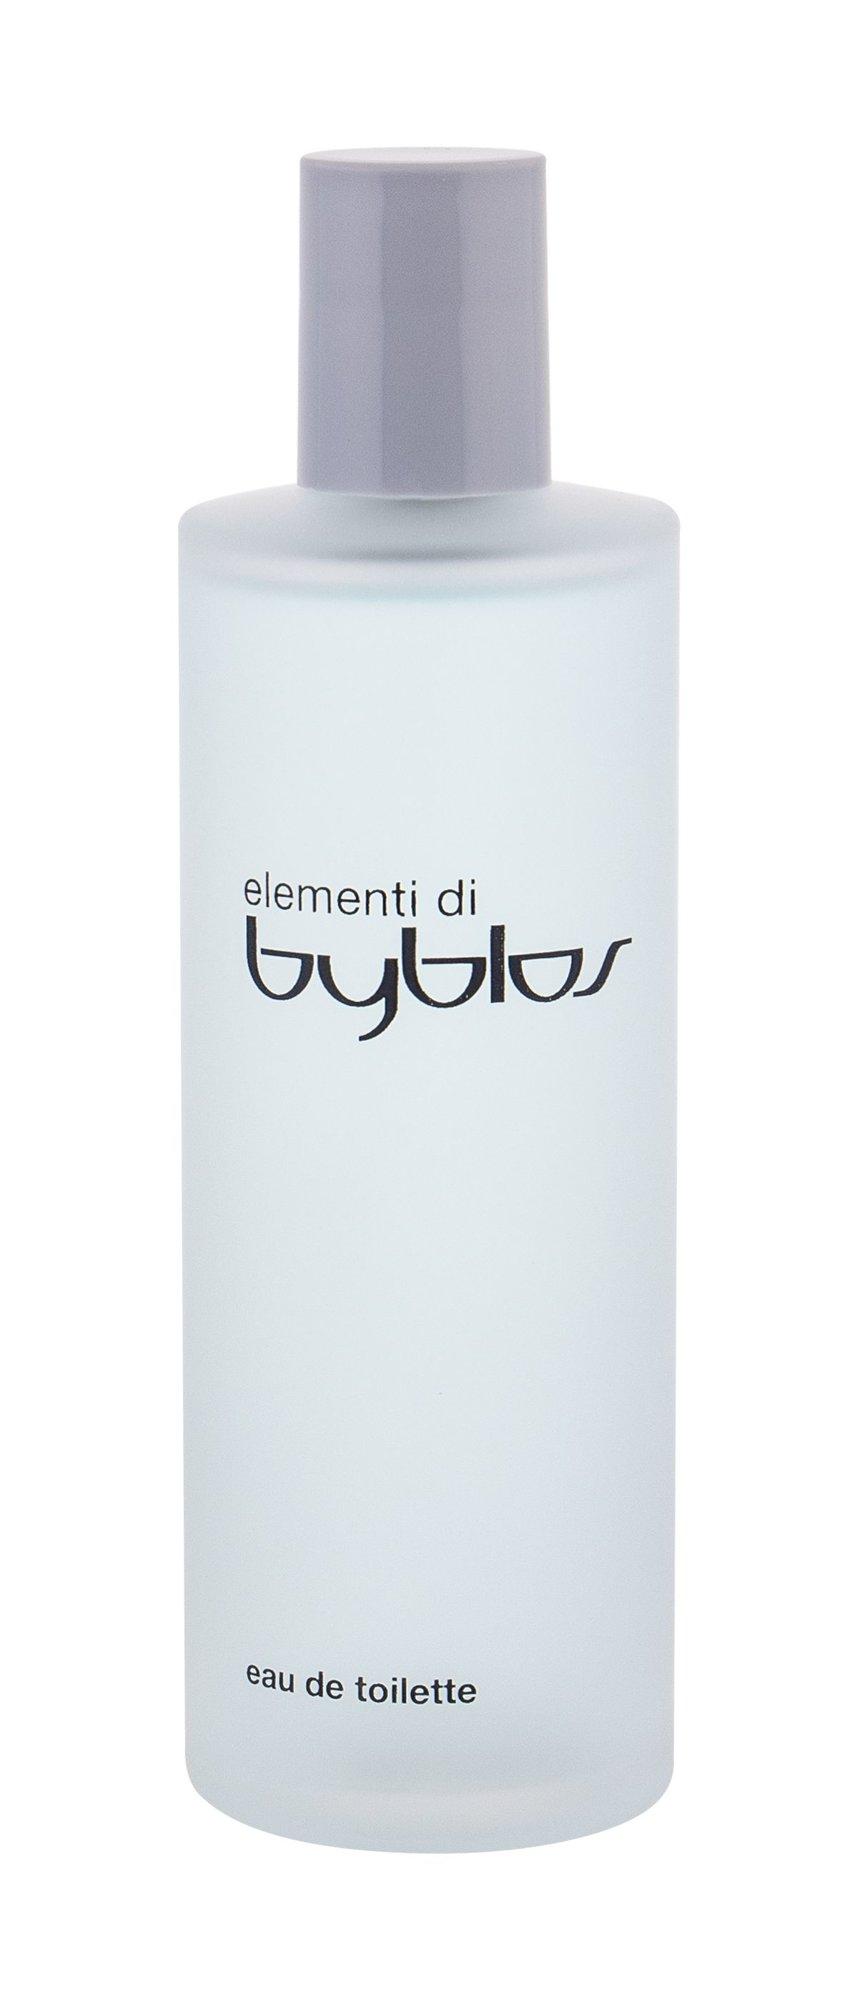 Byblos Aquamarine Eau de Toilette 120ml